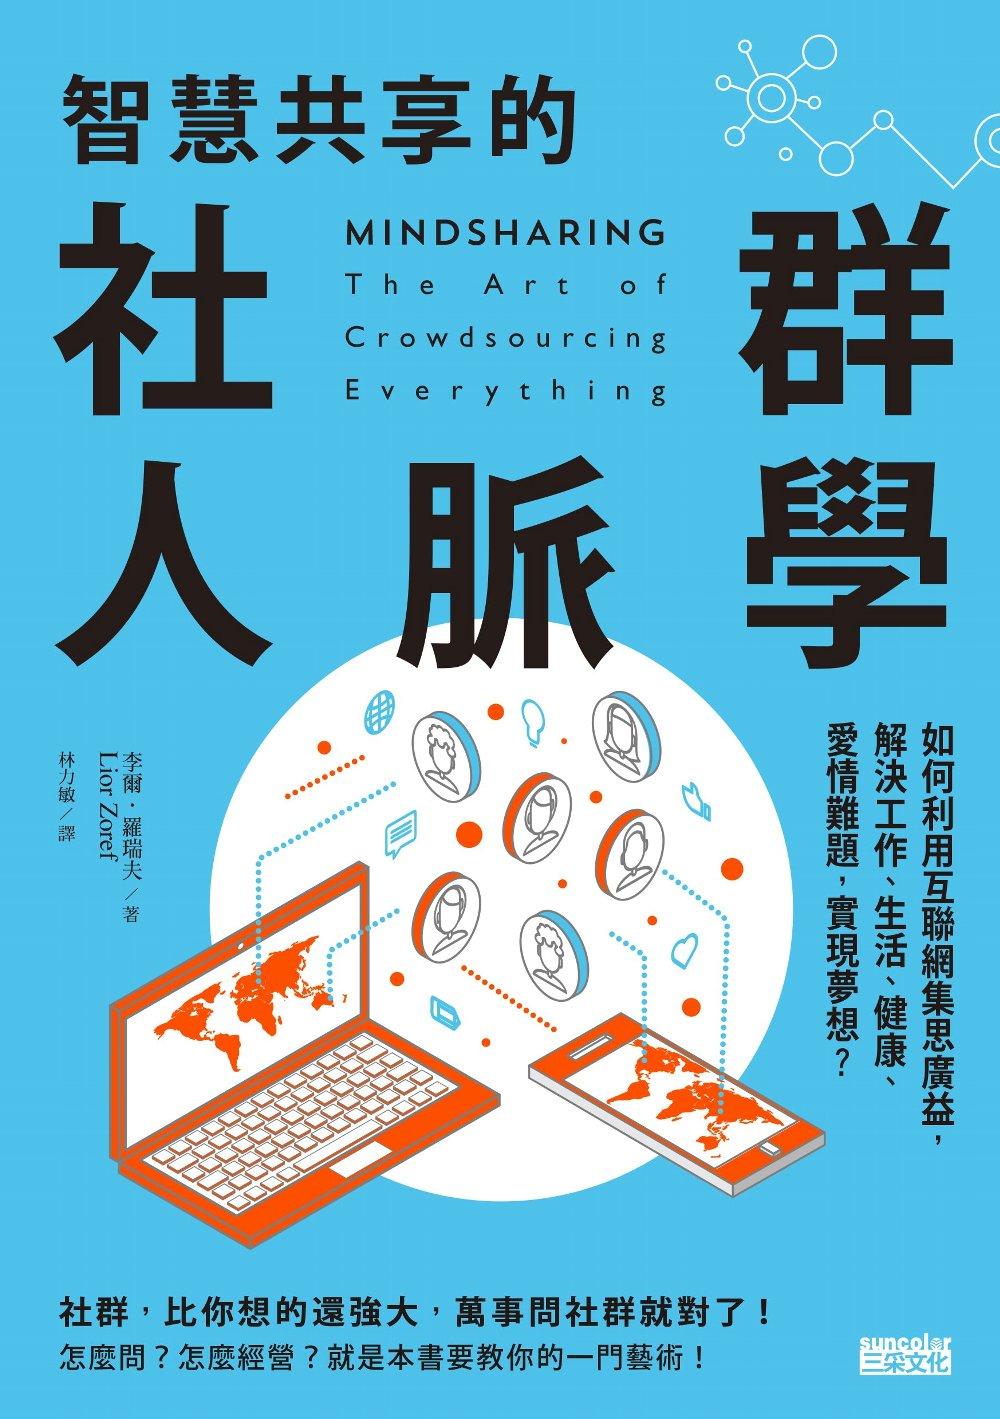 智慧共享的社群人脈學:如何利用互聯網集思廣益,解決工作、生活、健康、愛情難題,實現夢想? (電子書)